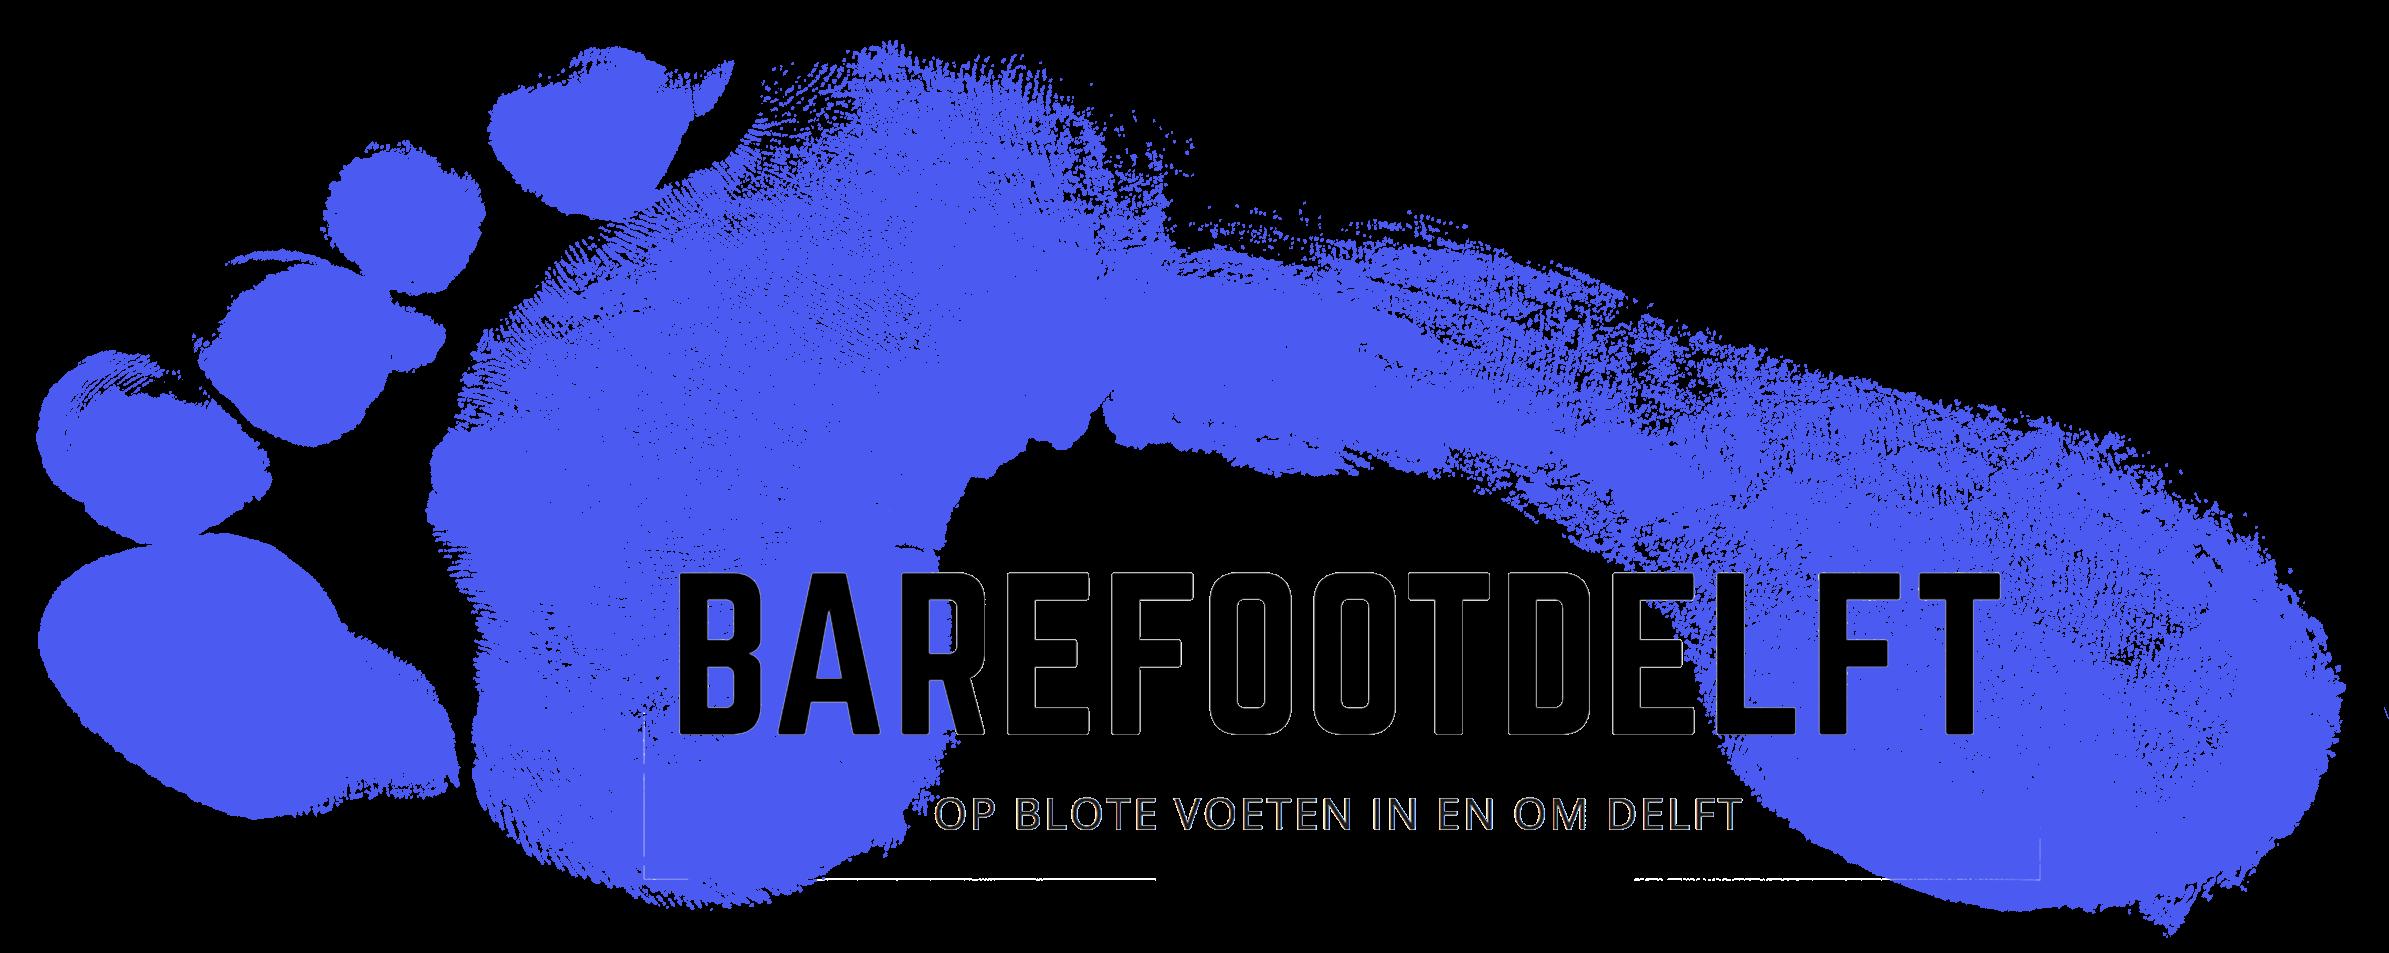 Barefootdelft